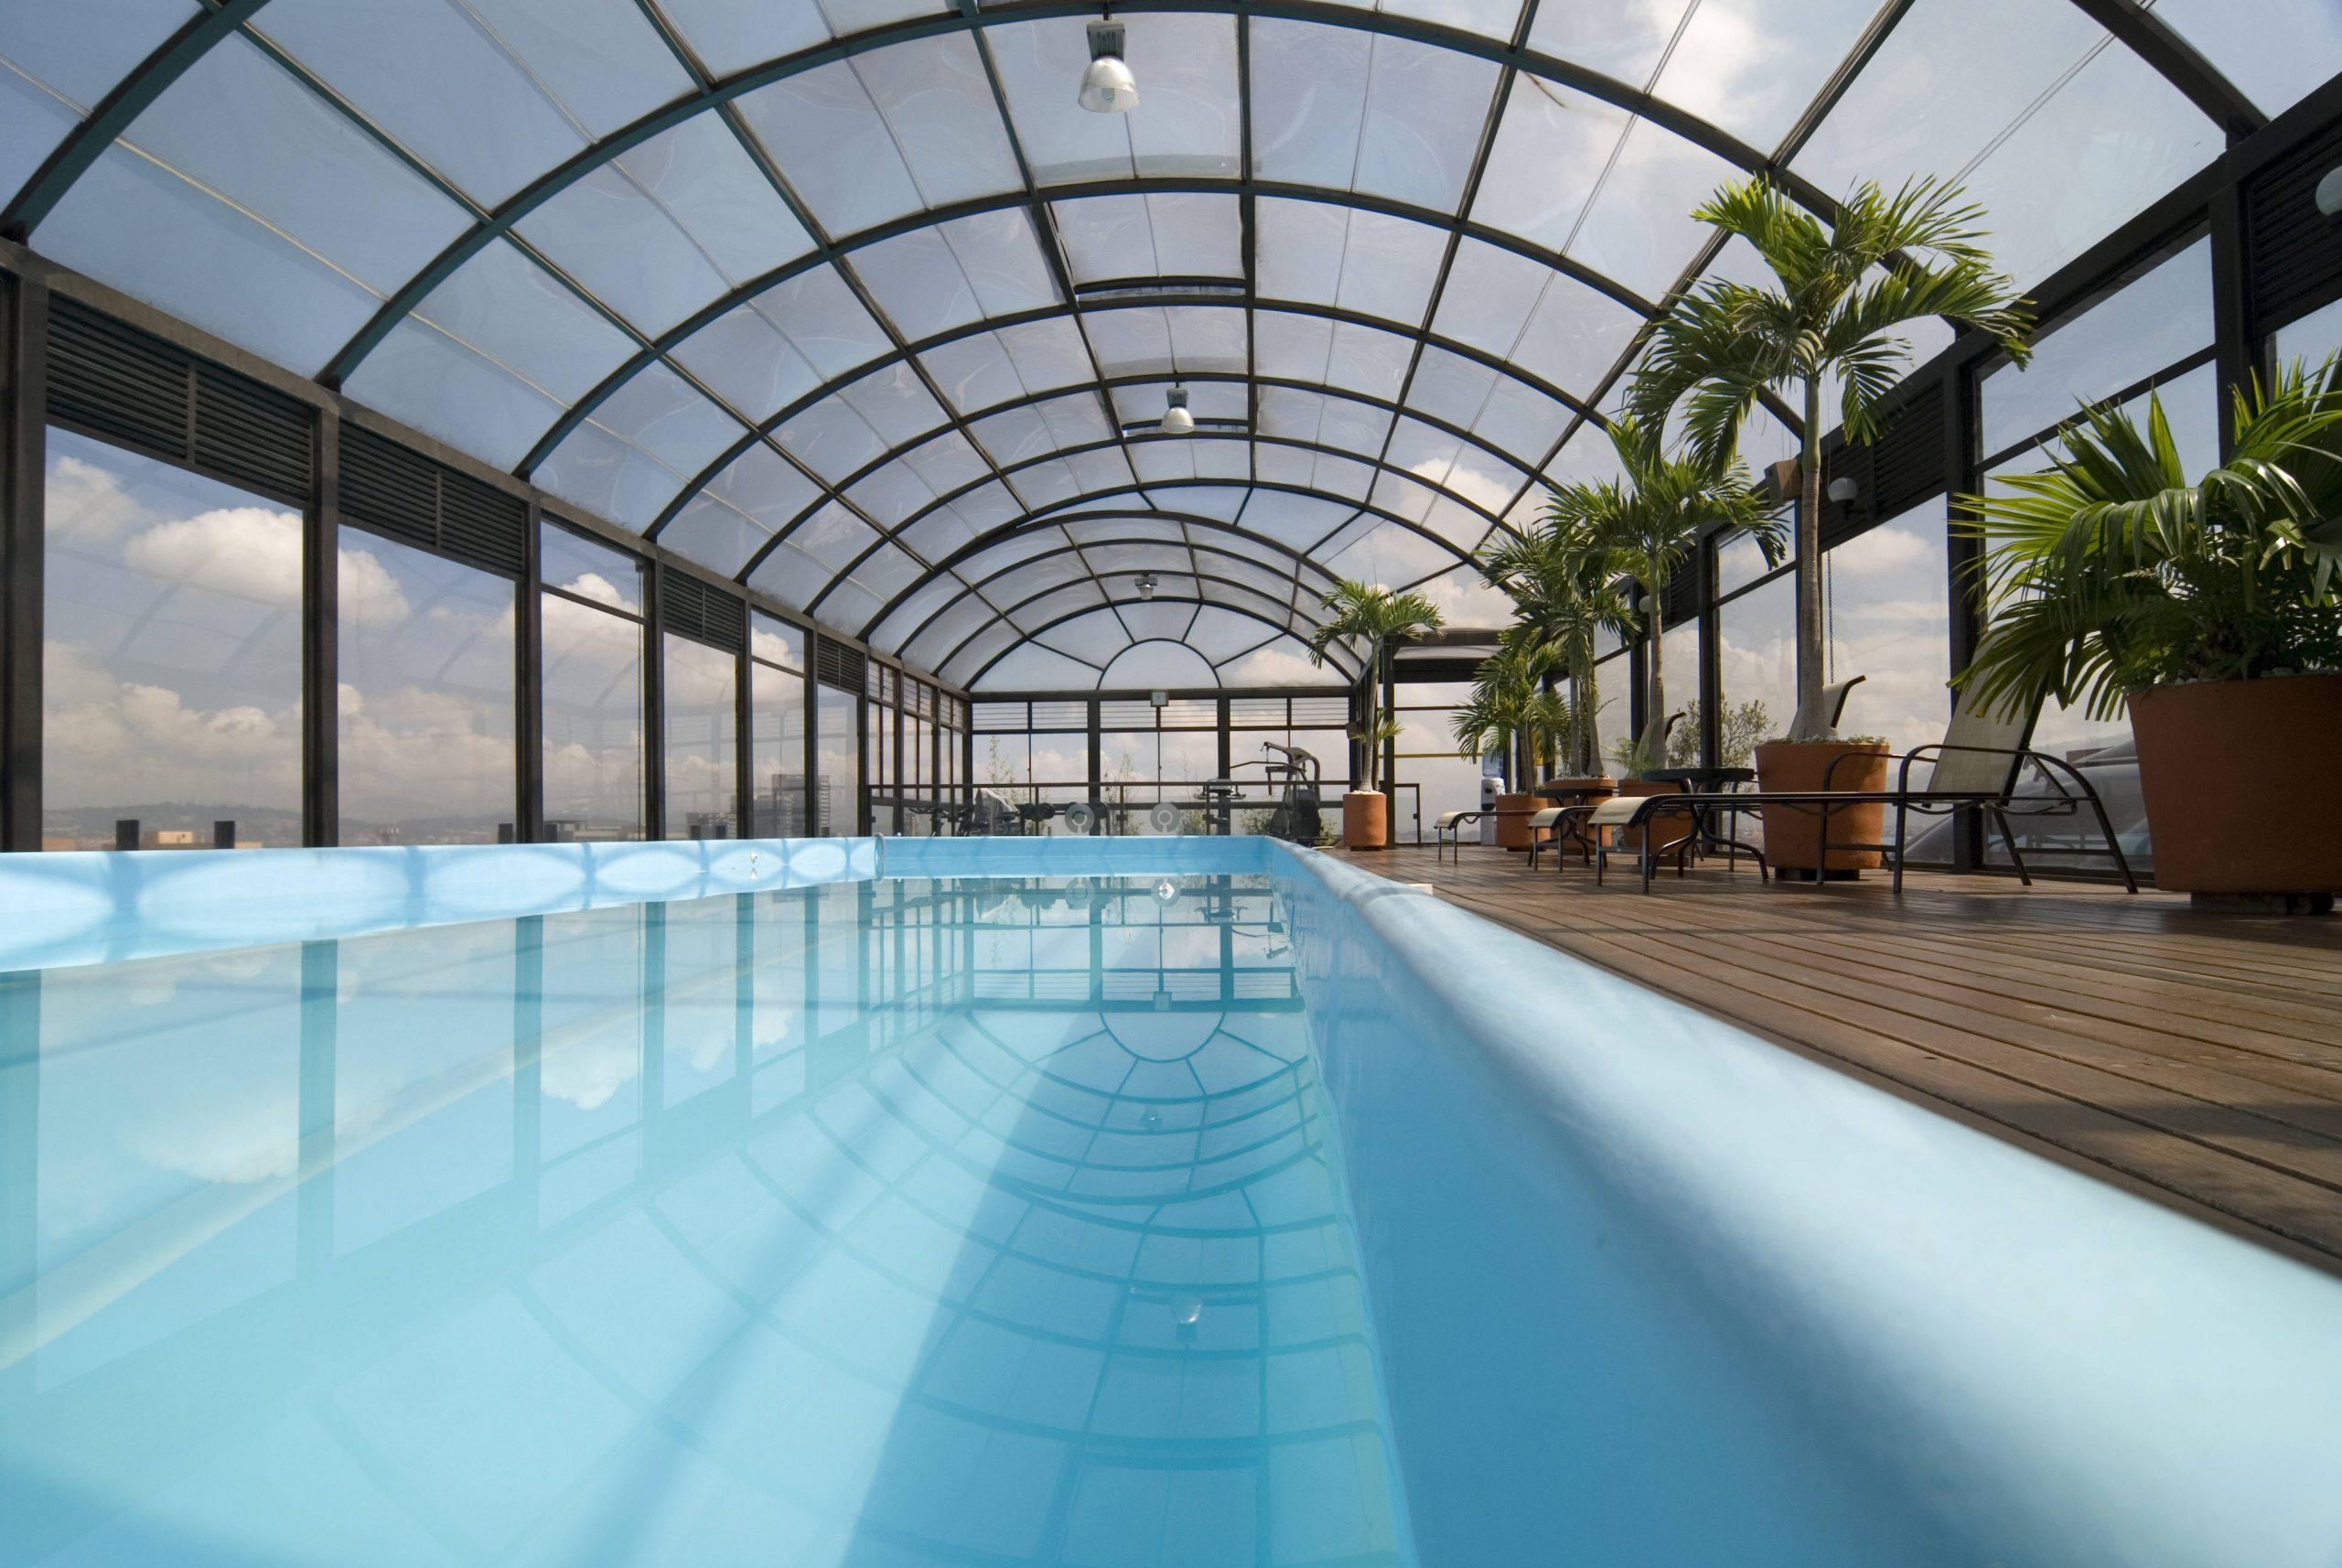 Cómo elegir la mejor cubierta para tu piscina